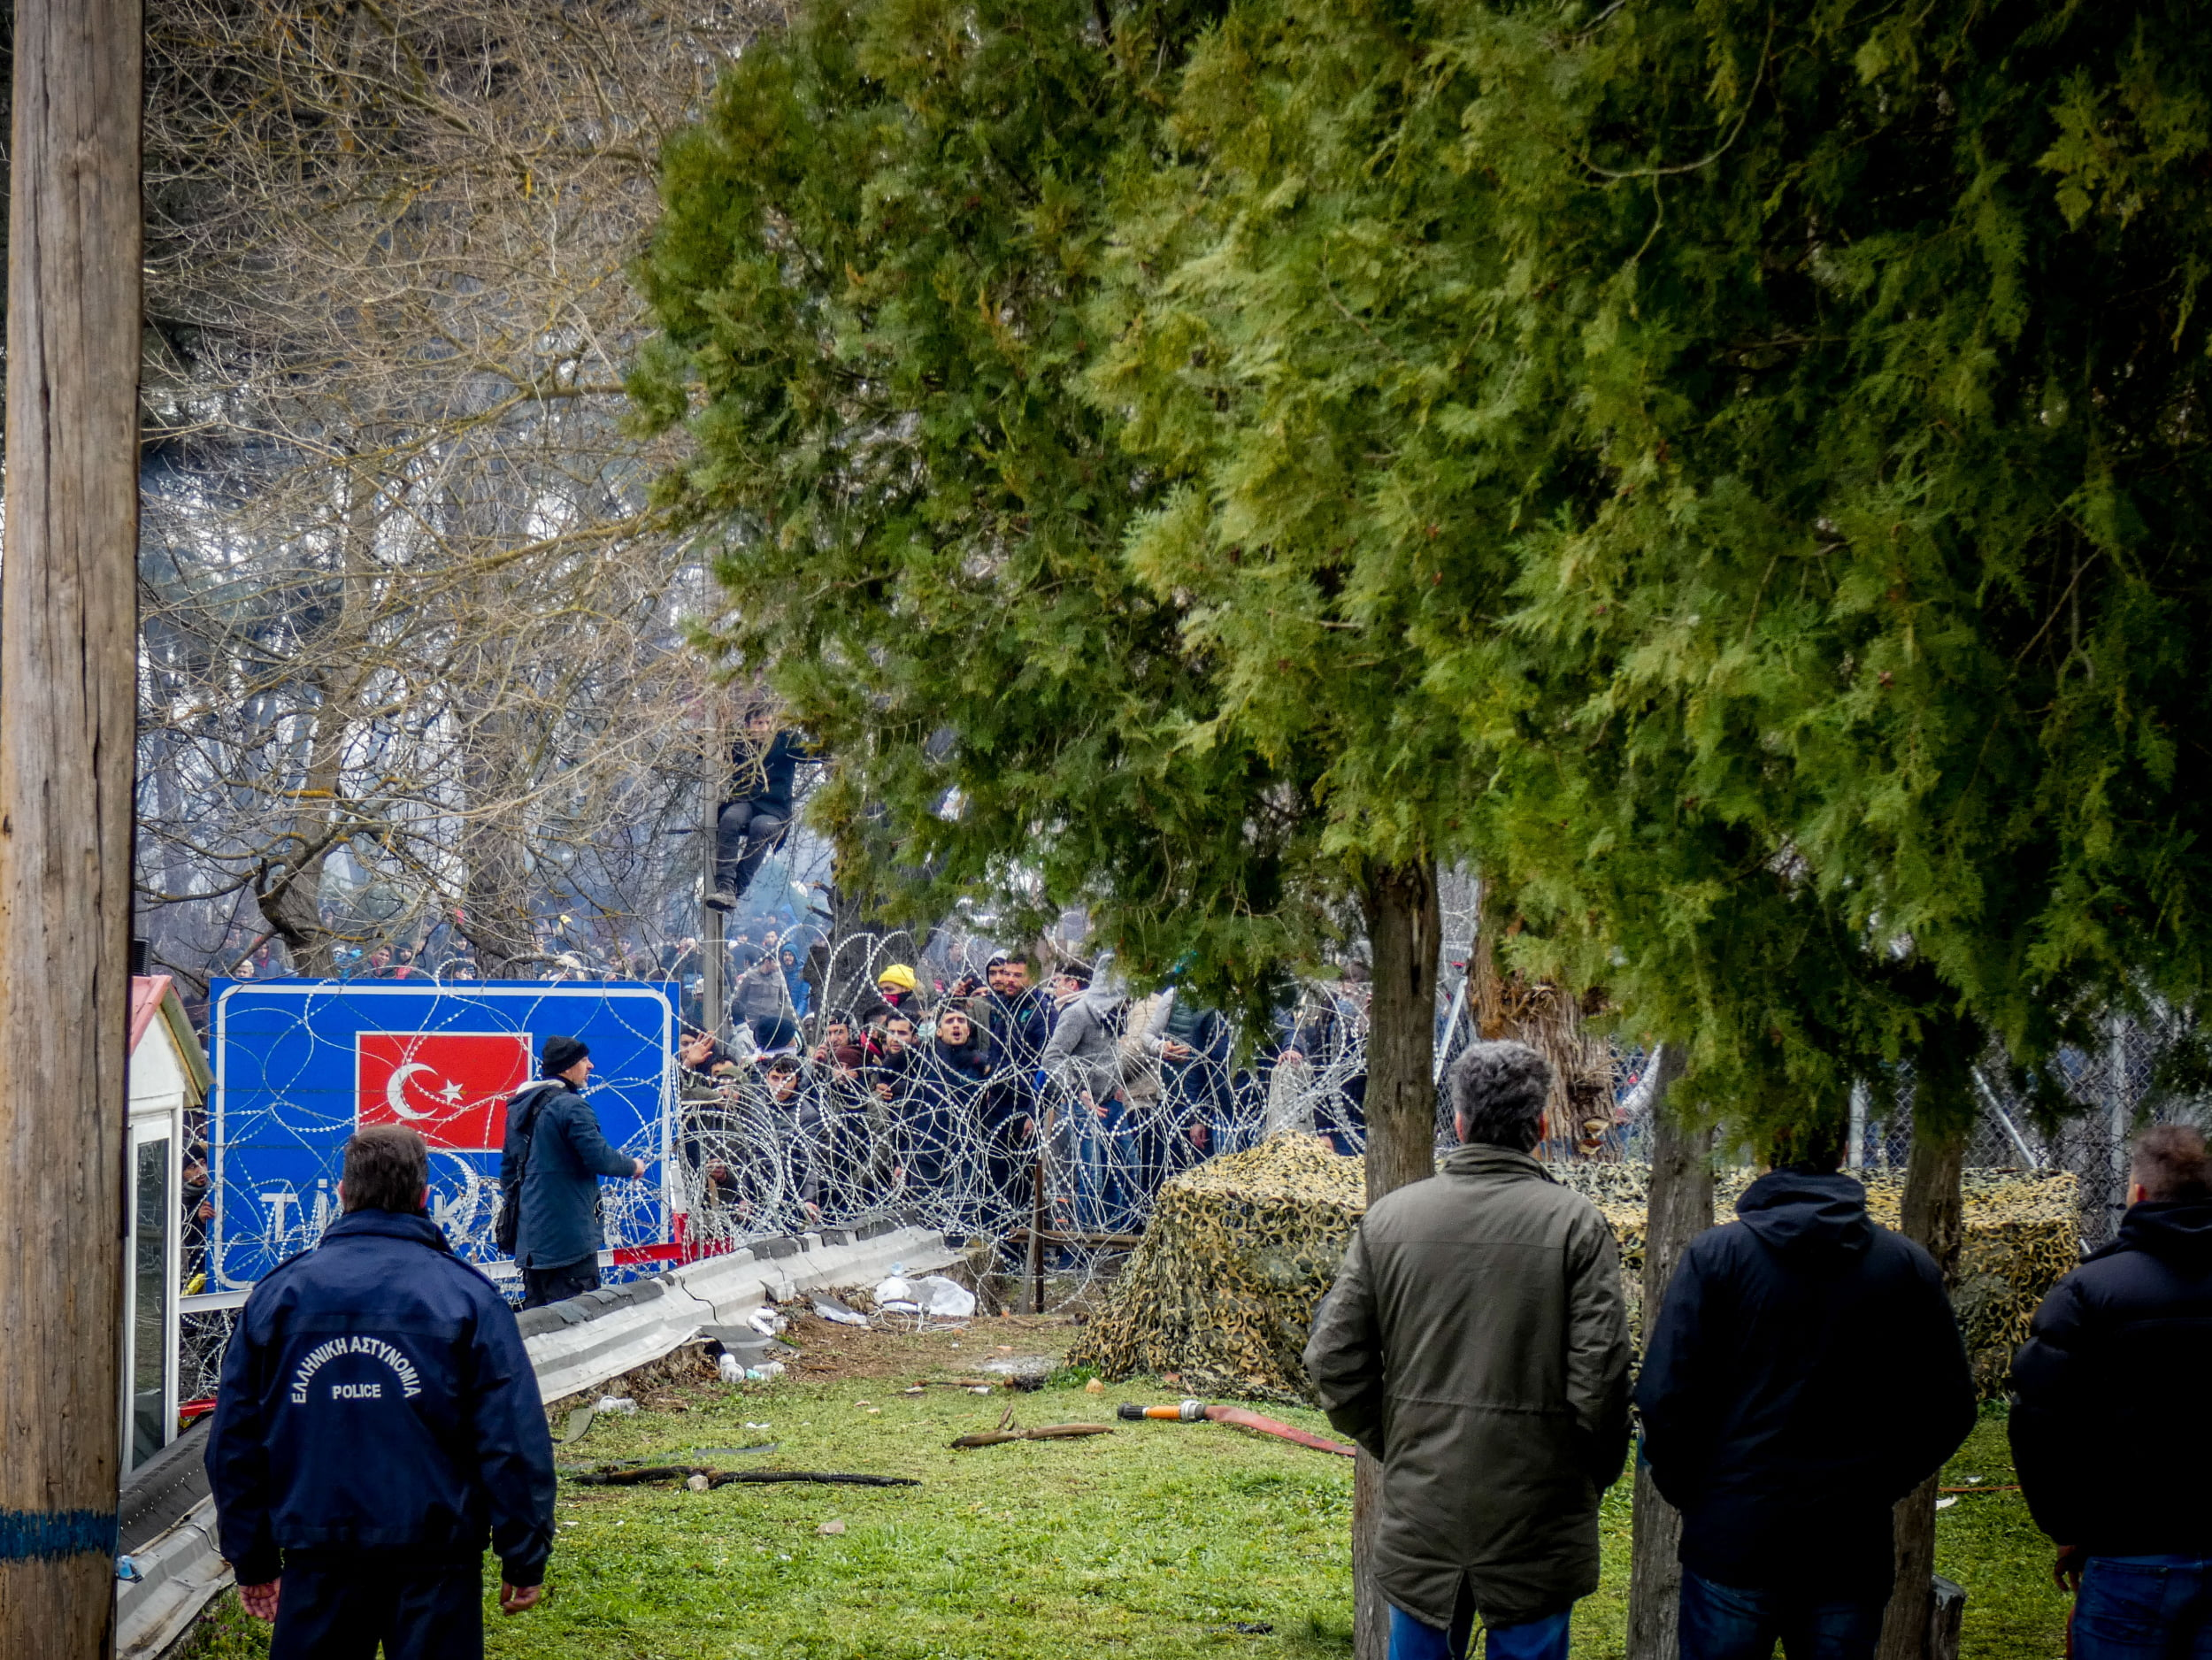 """Γερμανικός τύπος: Η """"προσφυγική κρίση"""" είναι σκηνοθετημένη από τον Ερντογάν"""